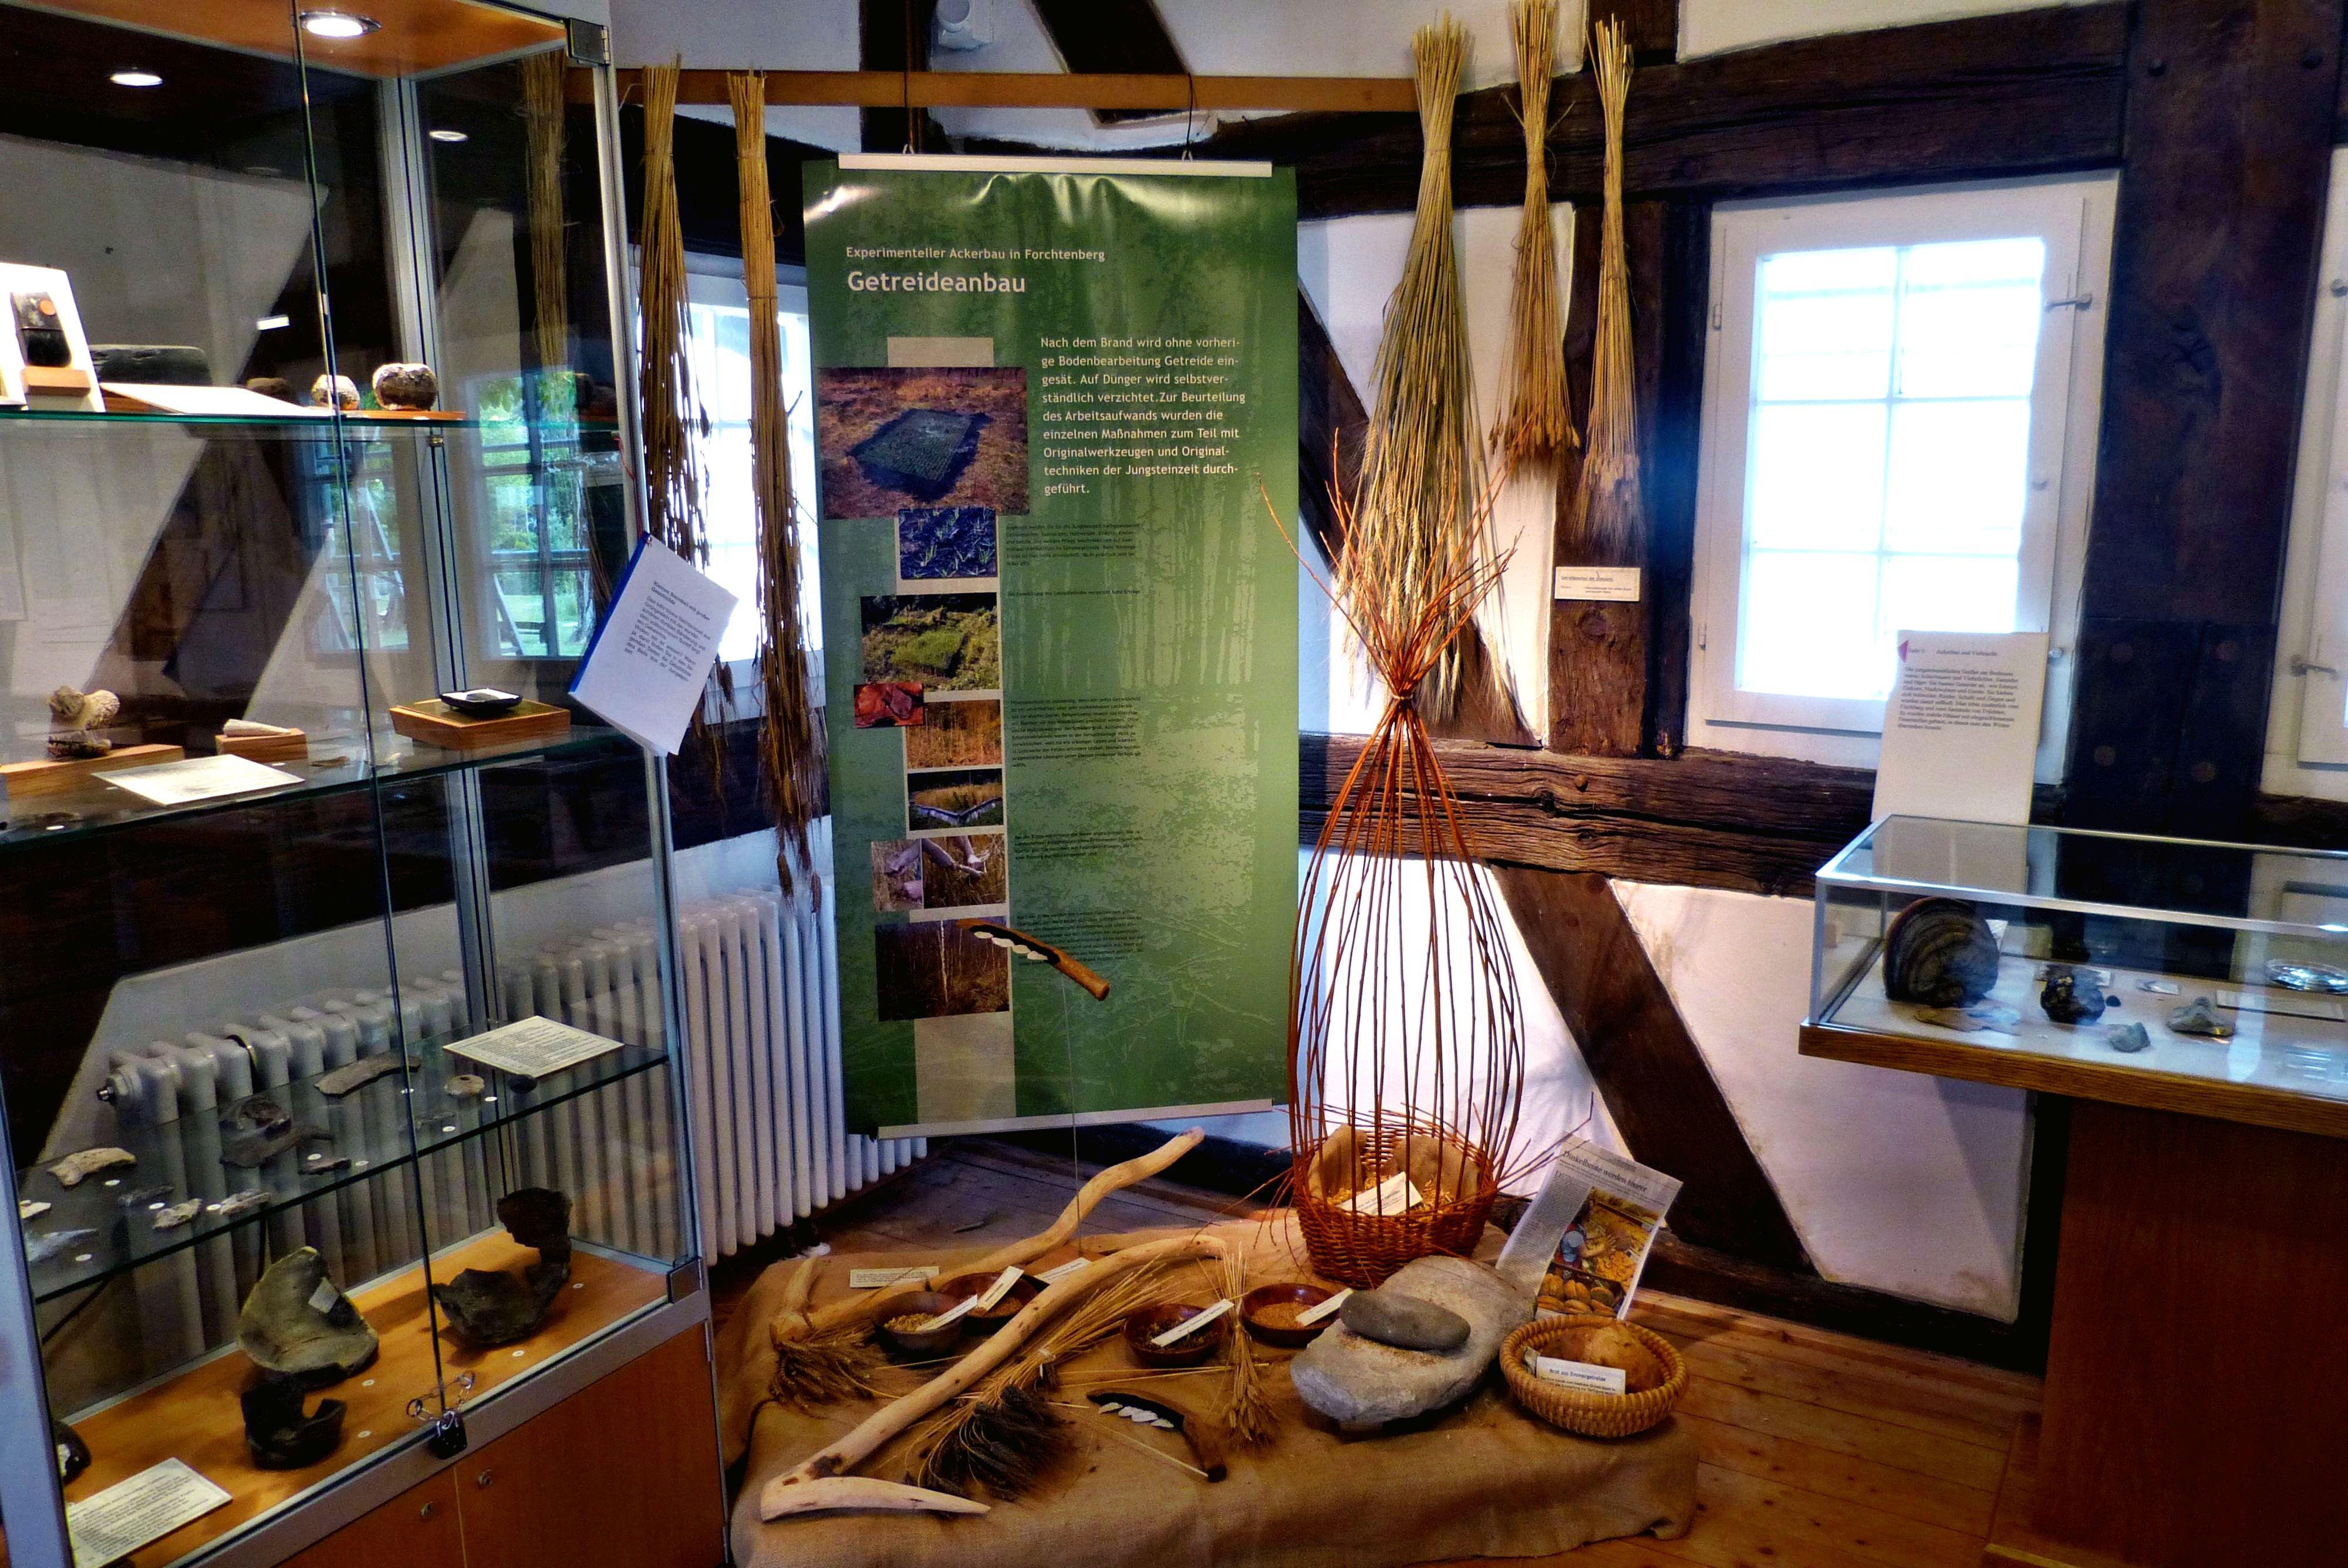 2015 - Fischerhaus Getreide